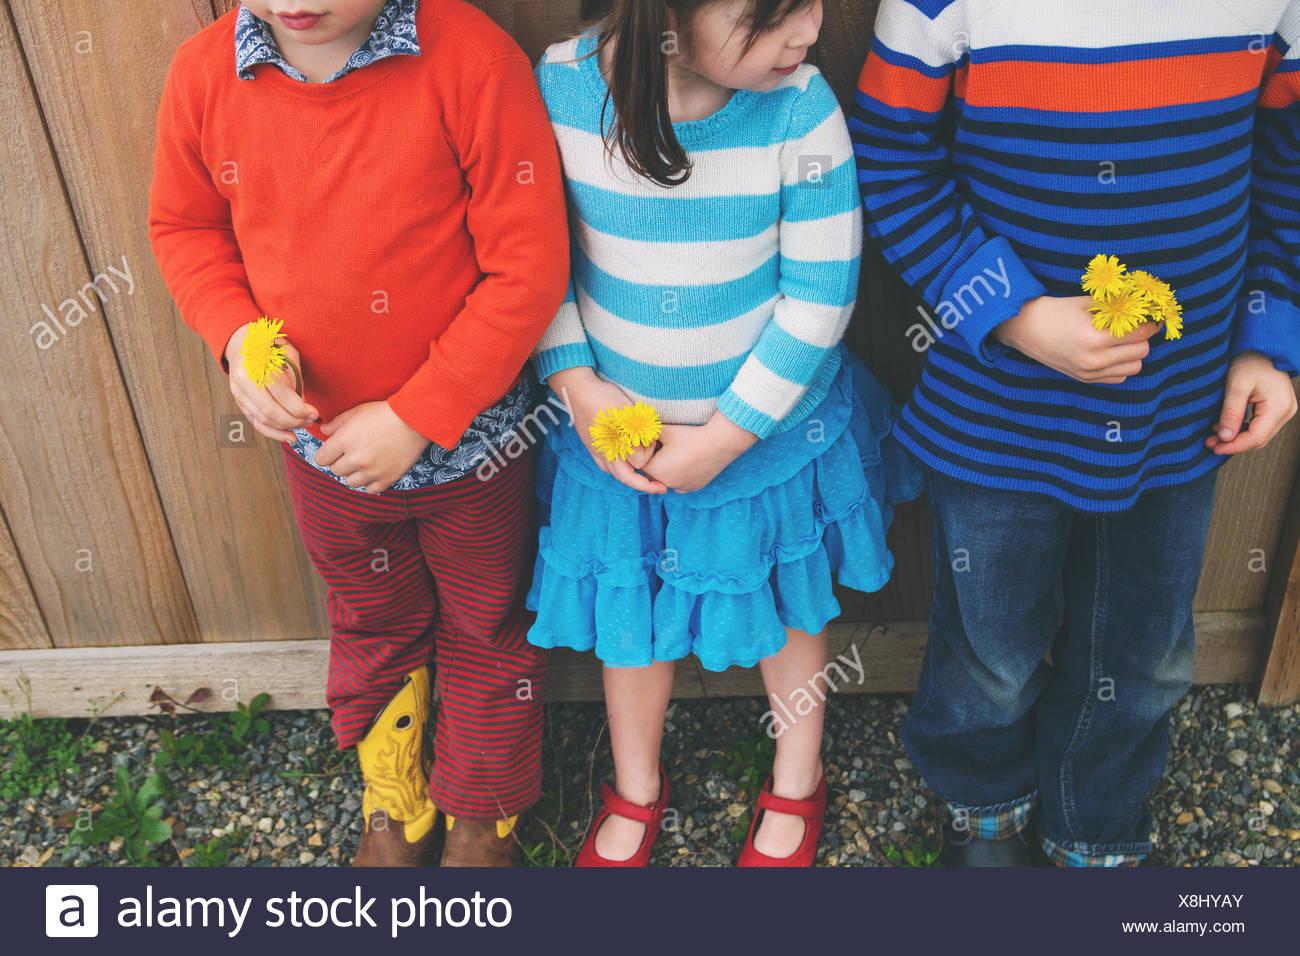 Trois enfants se tenant dans une rangée, holding Flowers Photo Stock